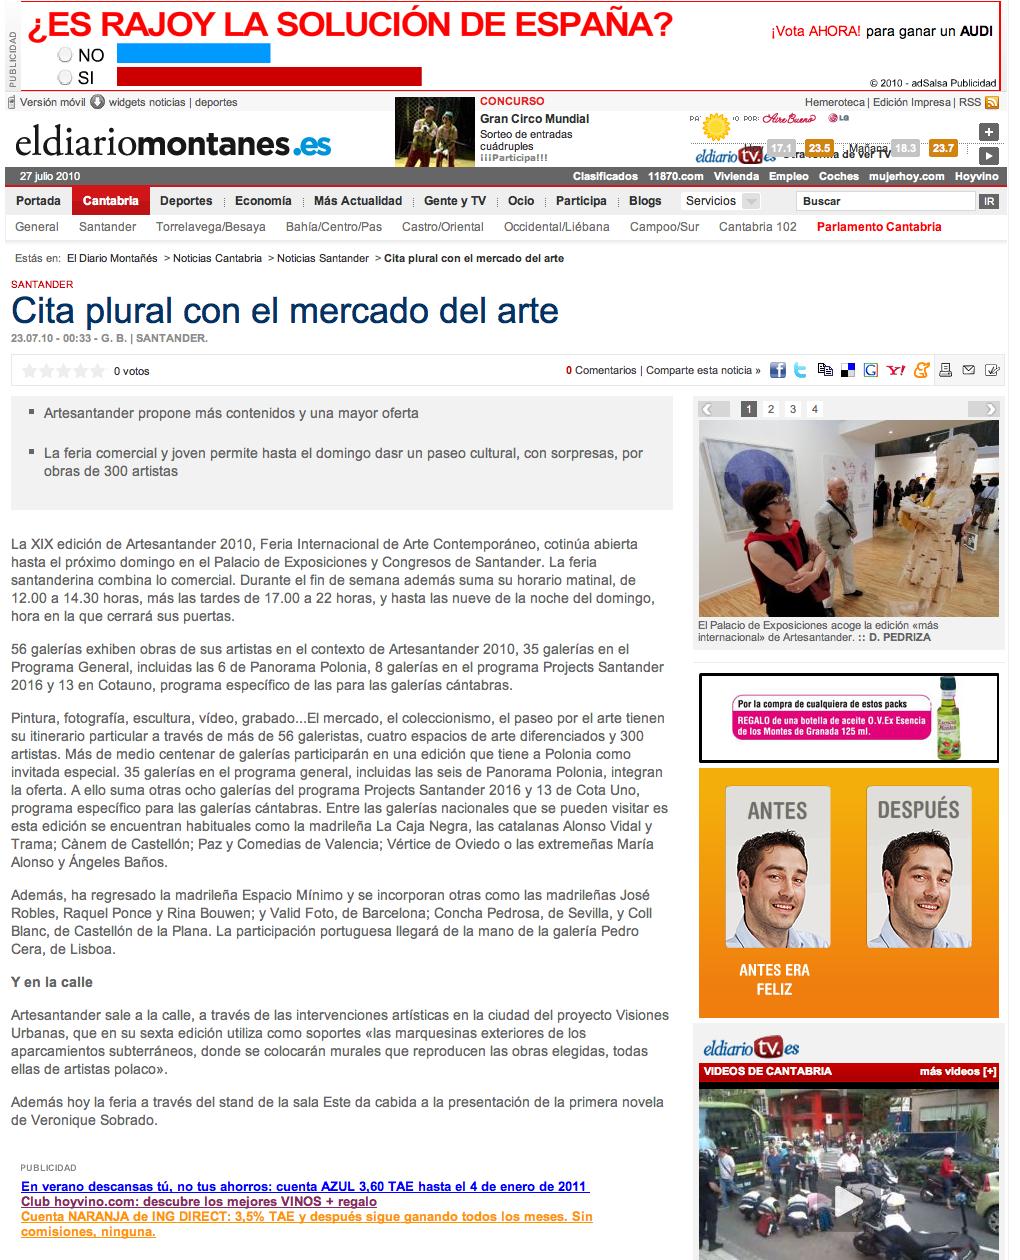 2010 Eldiario montanes 2010